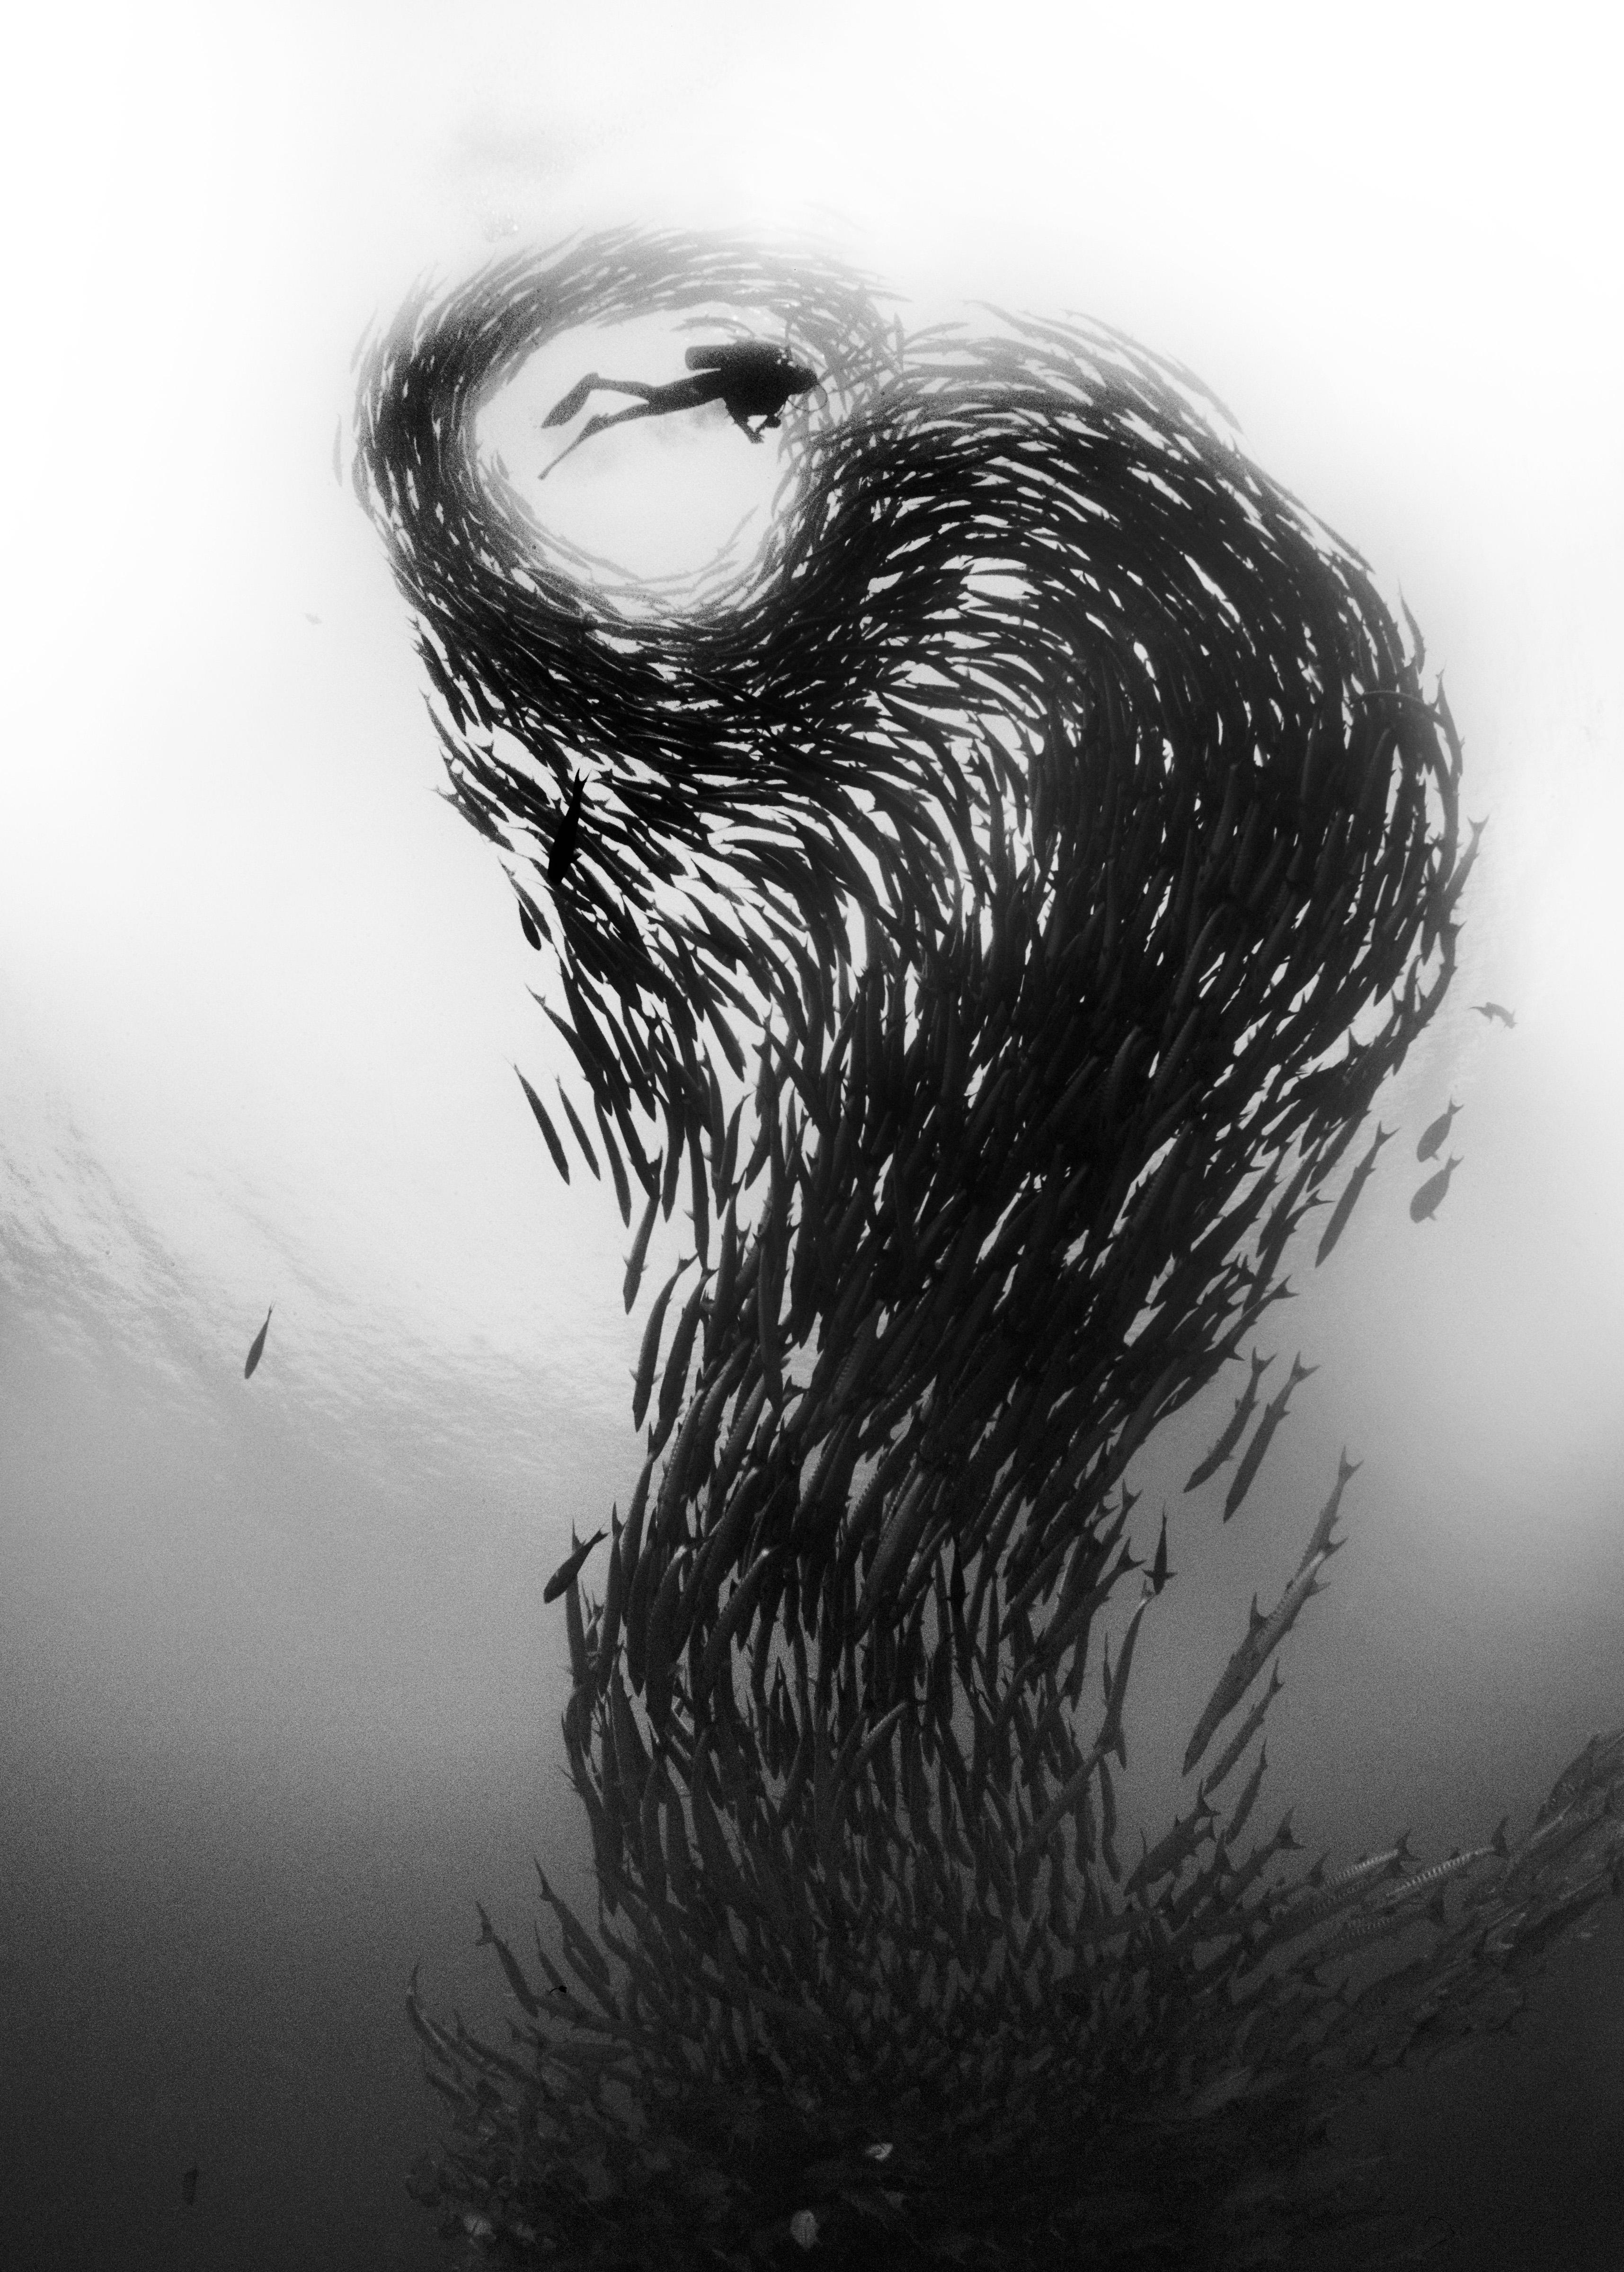 Tour de barracudas. Une tour de barracudas (Sphyraena genie) en forme de chevrons s'élève du fond pour entourer un plongeur dans une formation qui ressemble à un point d'exclamation au large de l'île de Sipadan, en Malaise. Les barracudas sont sociables et ils forment des bancs pendant la journée pour se défendre contre les prédateurs. À la tombée du jour, le banc se dissout et chacun d'entre eux parcourt les récifs en quête de nourriture.